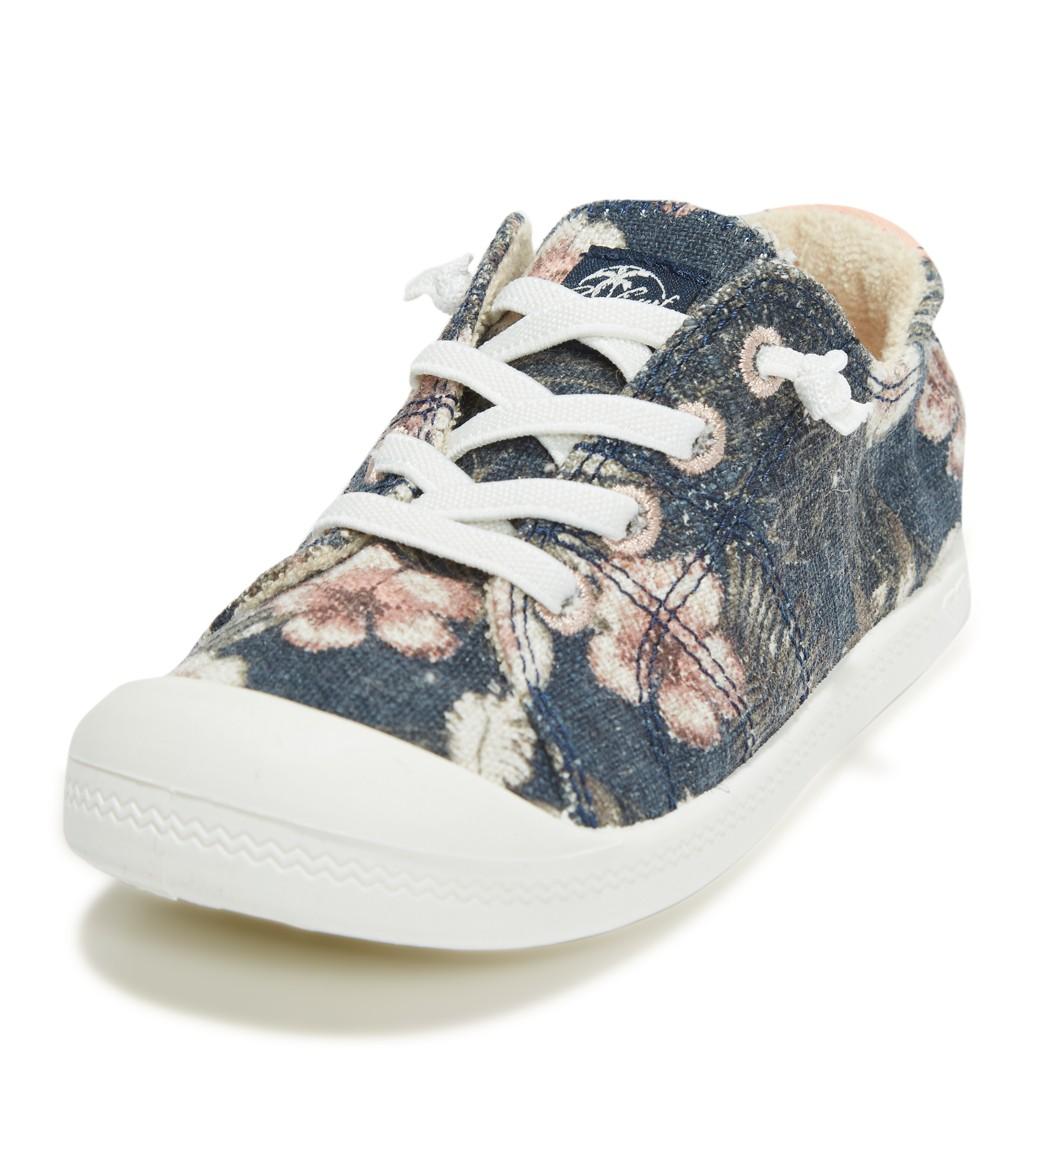 Roxy Girls' Bayshore Shoe (Toddler) at